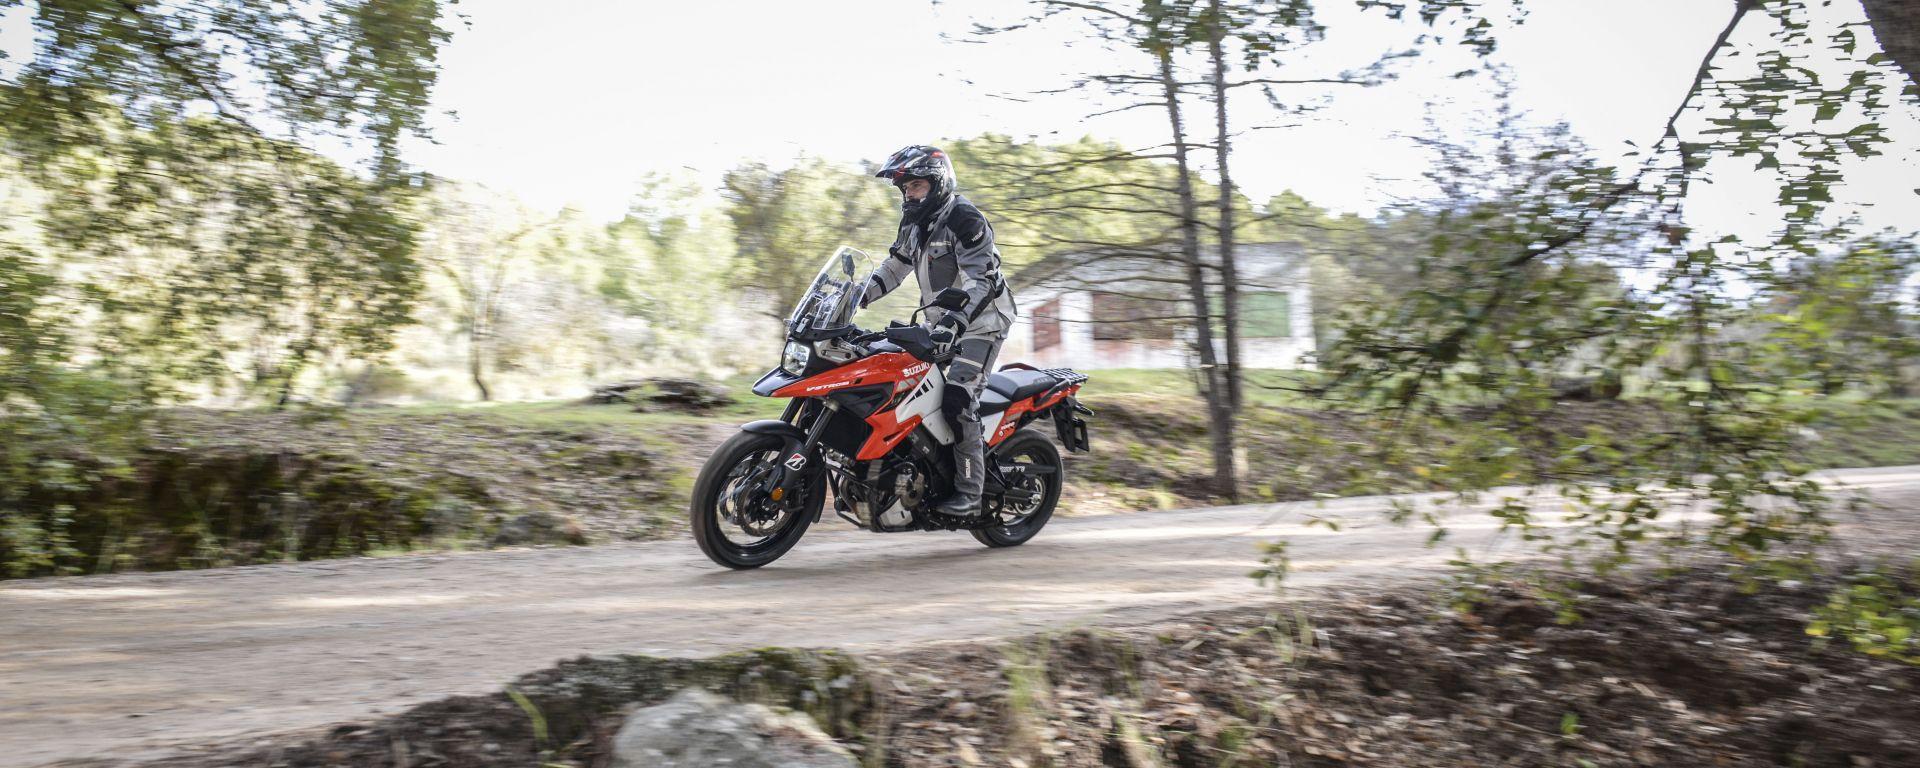 Suzuki V-Strom 1050: la tecnologia non le fa più paura. La prova